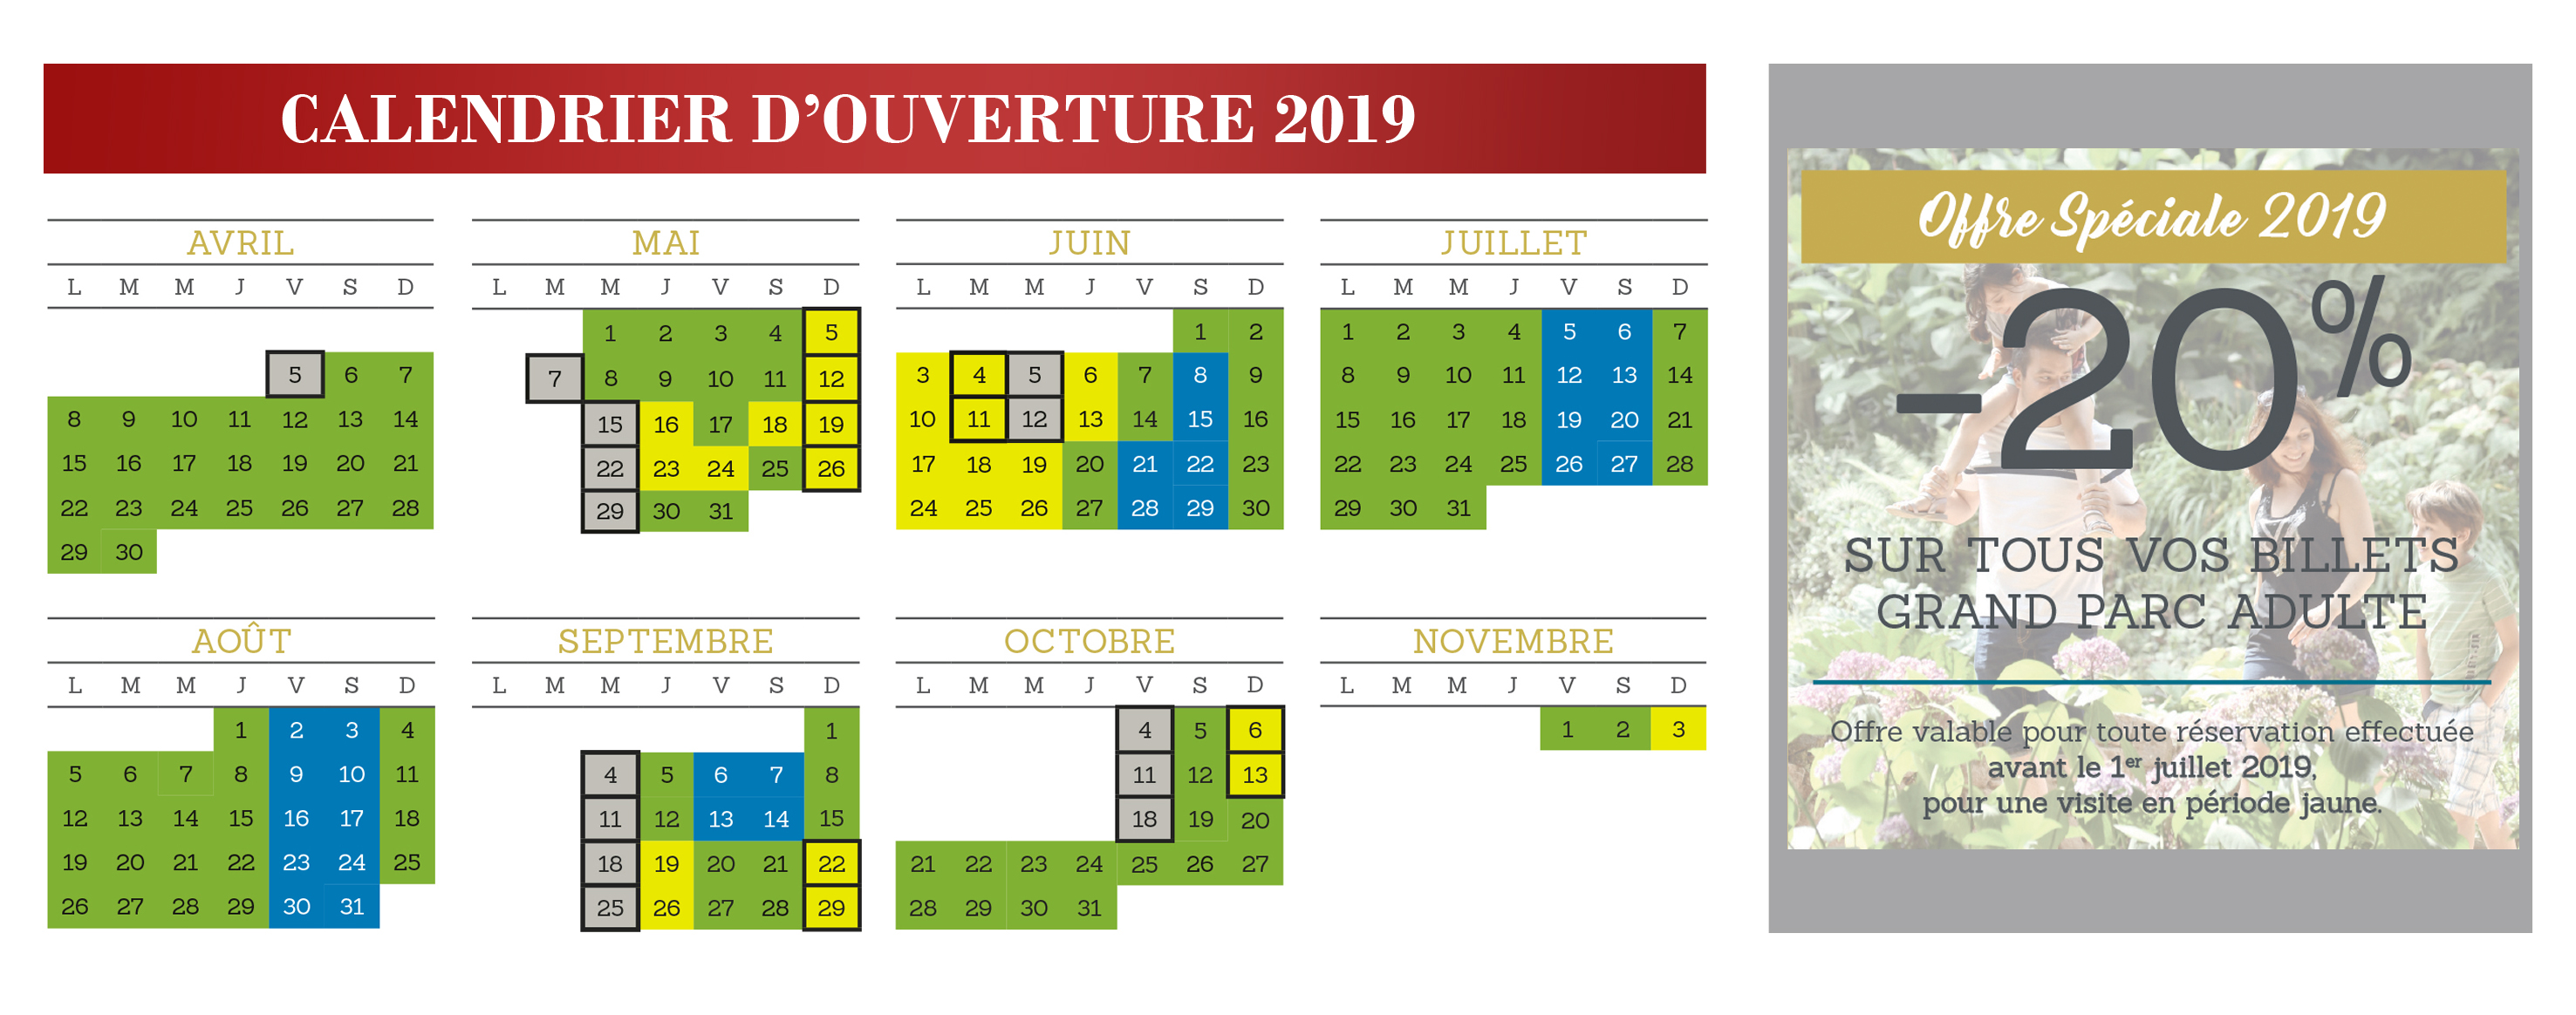 Voir Le Calendrier Douverture De Puy Du Fou 2019